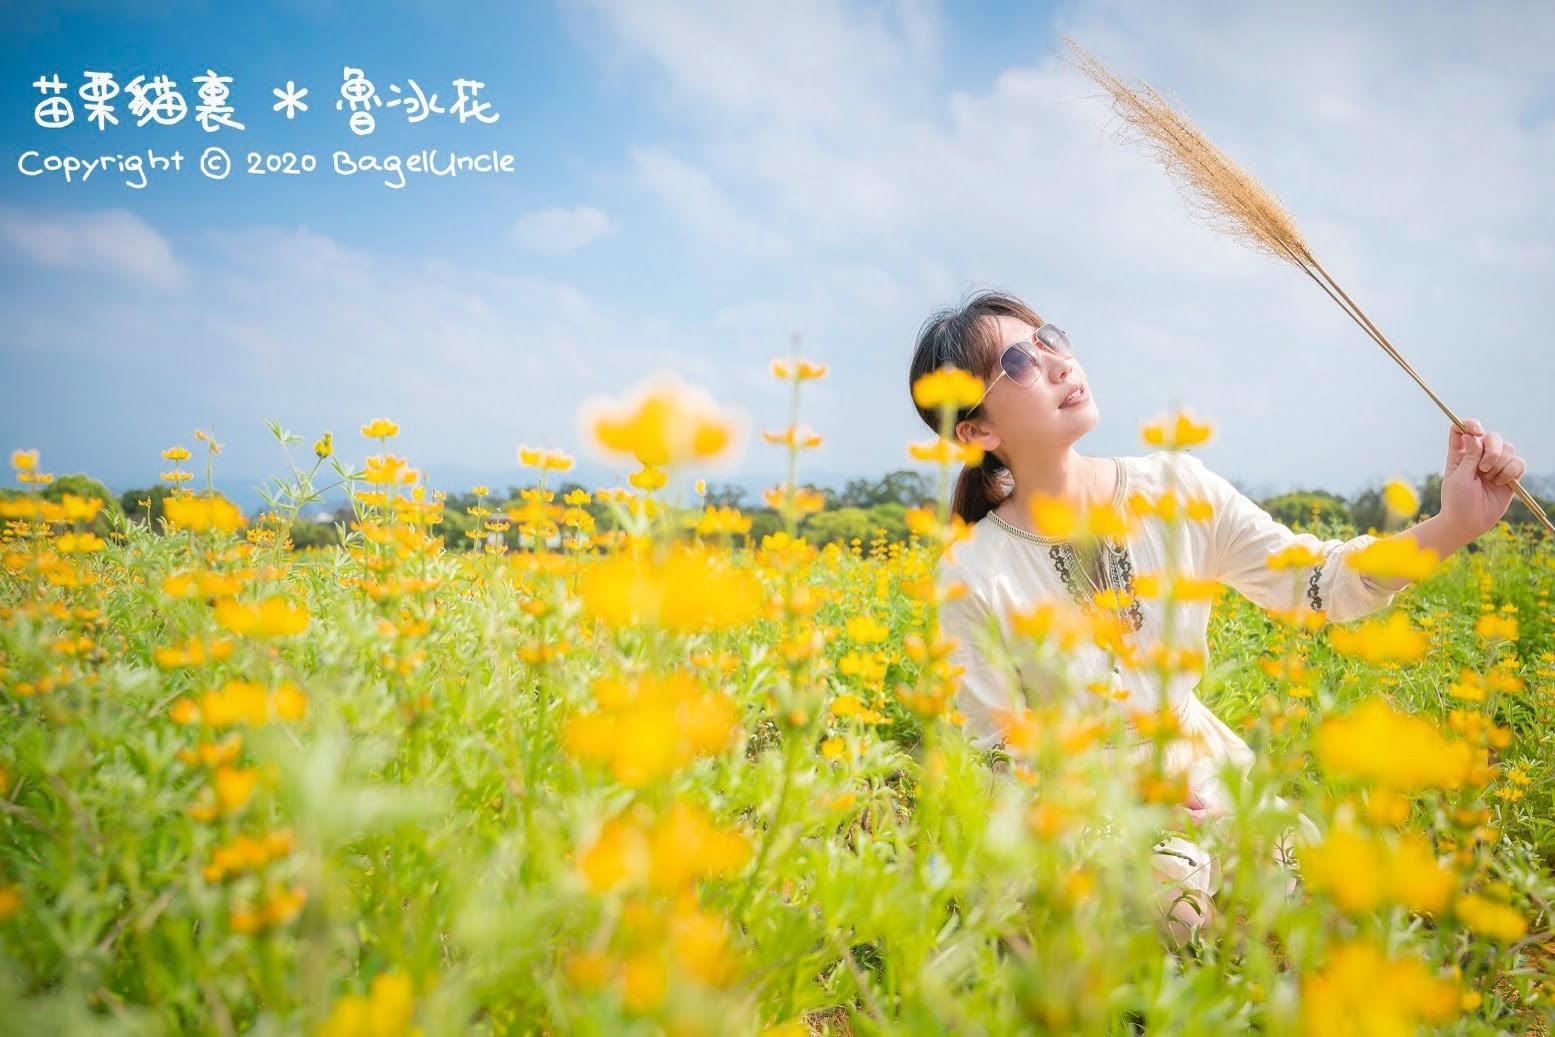 【旅遊】2020年 苗栗貓裏 魯冰花季開跑囉! 現在賞花正是時候